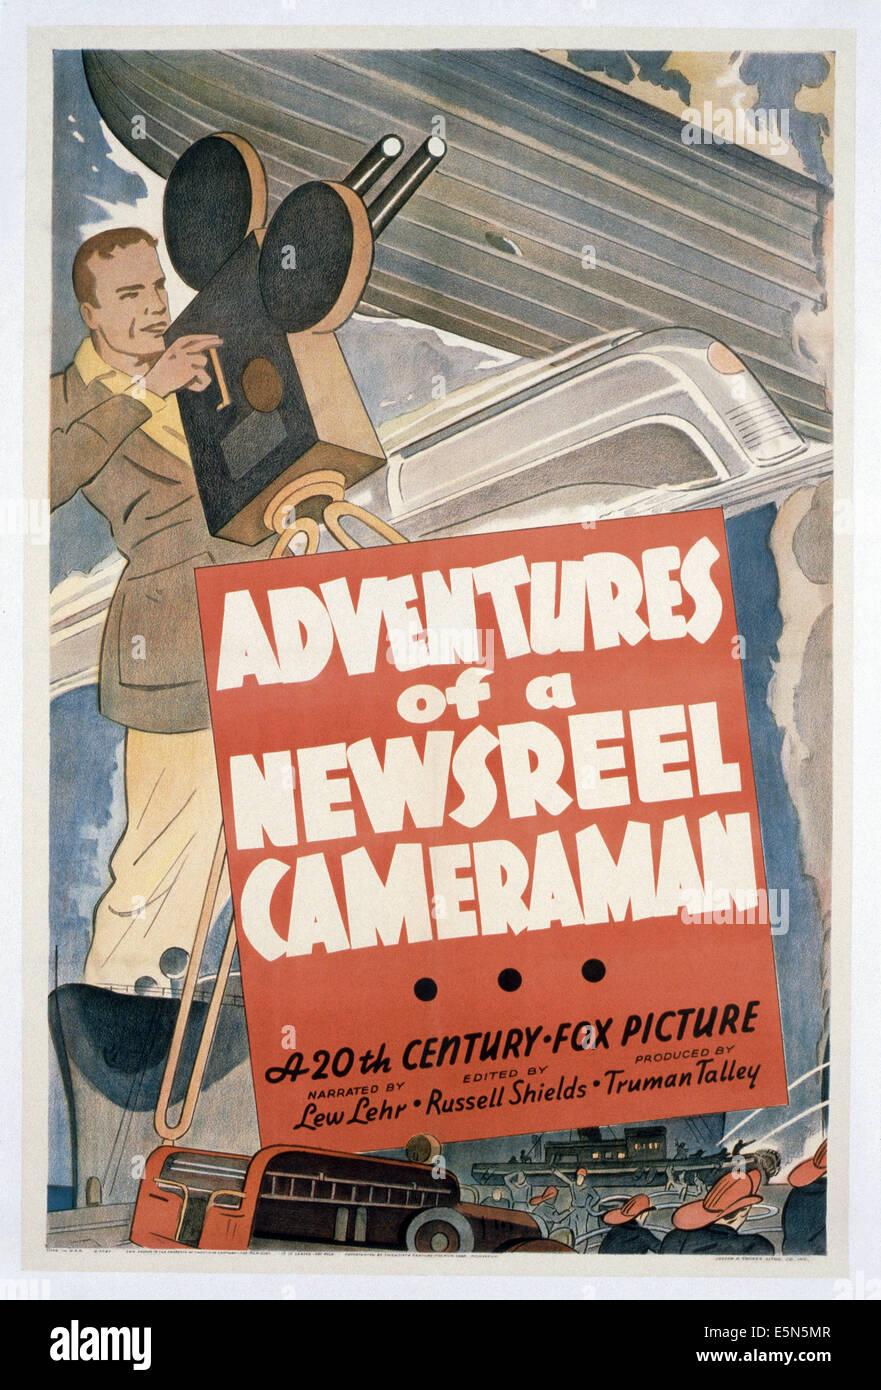 Abenteuer von A Wochenschau Kameramann, 1930er Jahre, TM & Copyright © 20th Century Fox Film Corp./Courtesy Stockbild